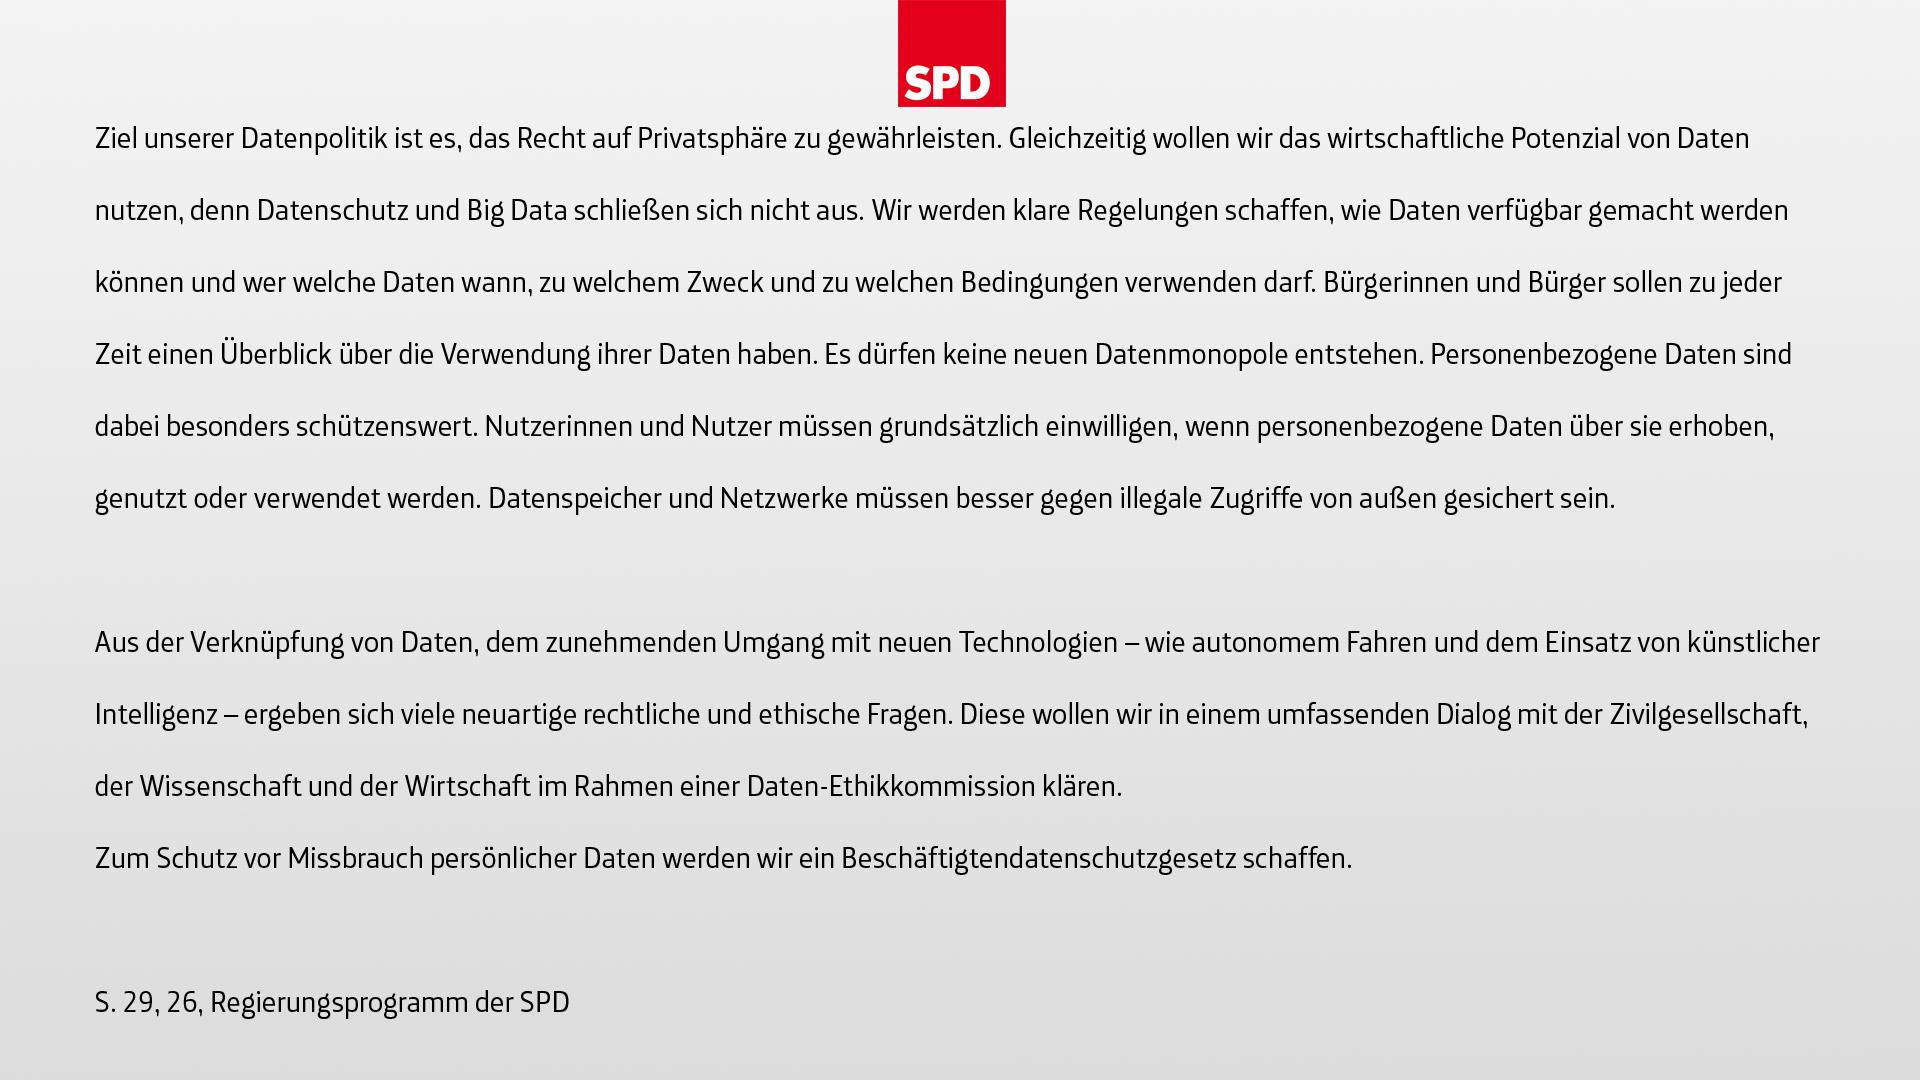 Datenschutz-SPD-Slides